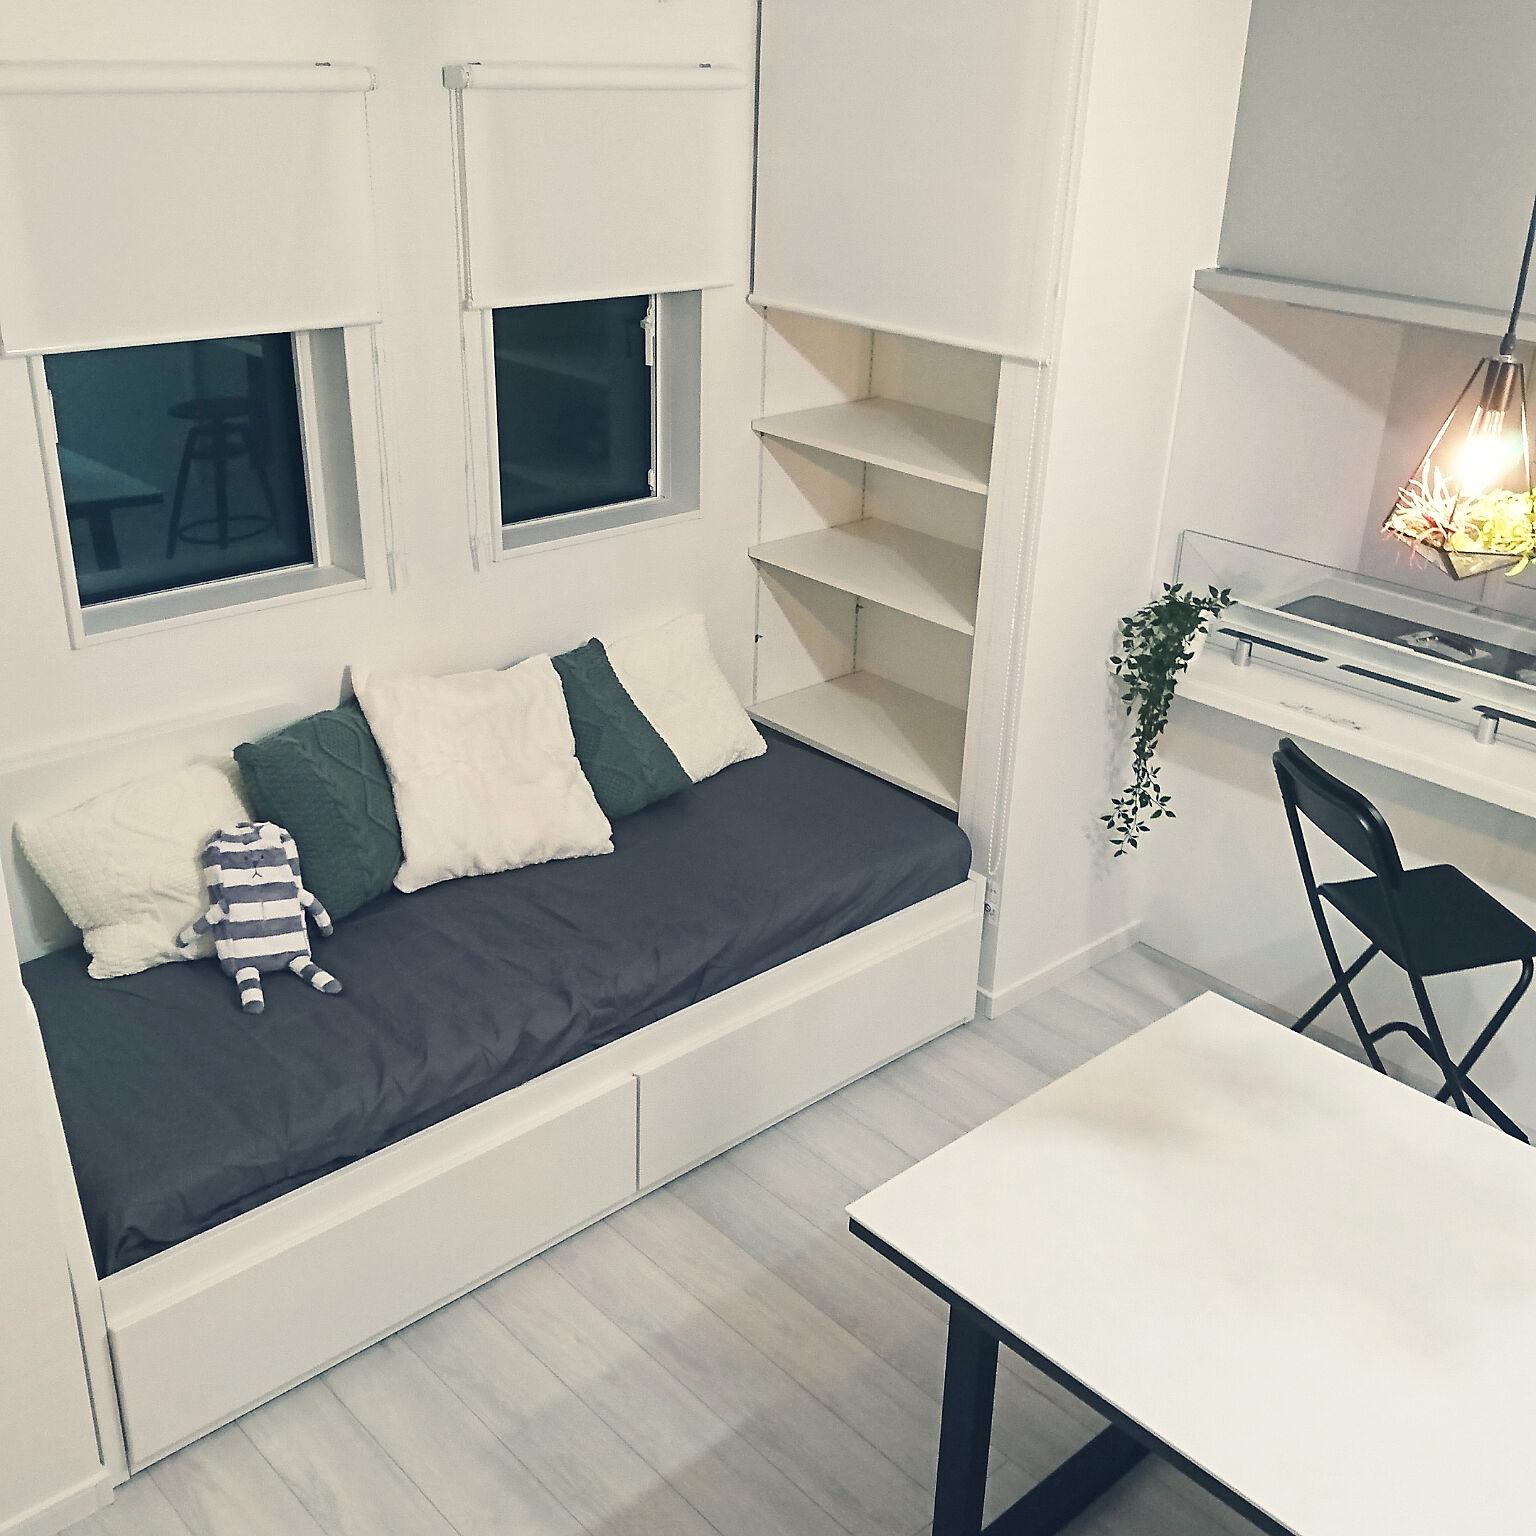 スペースを活用するならコレ☆IKEAの2way使いができる家具